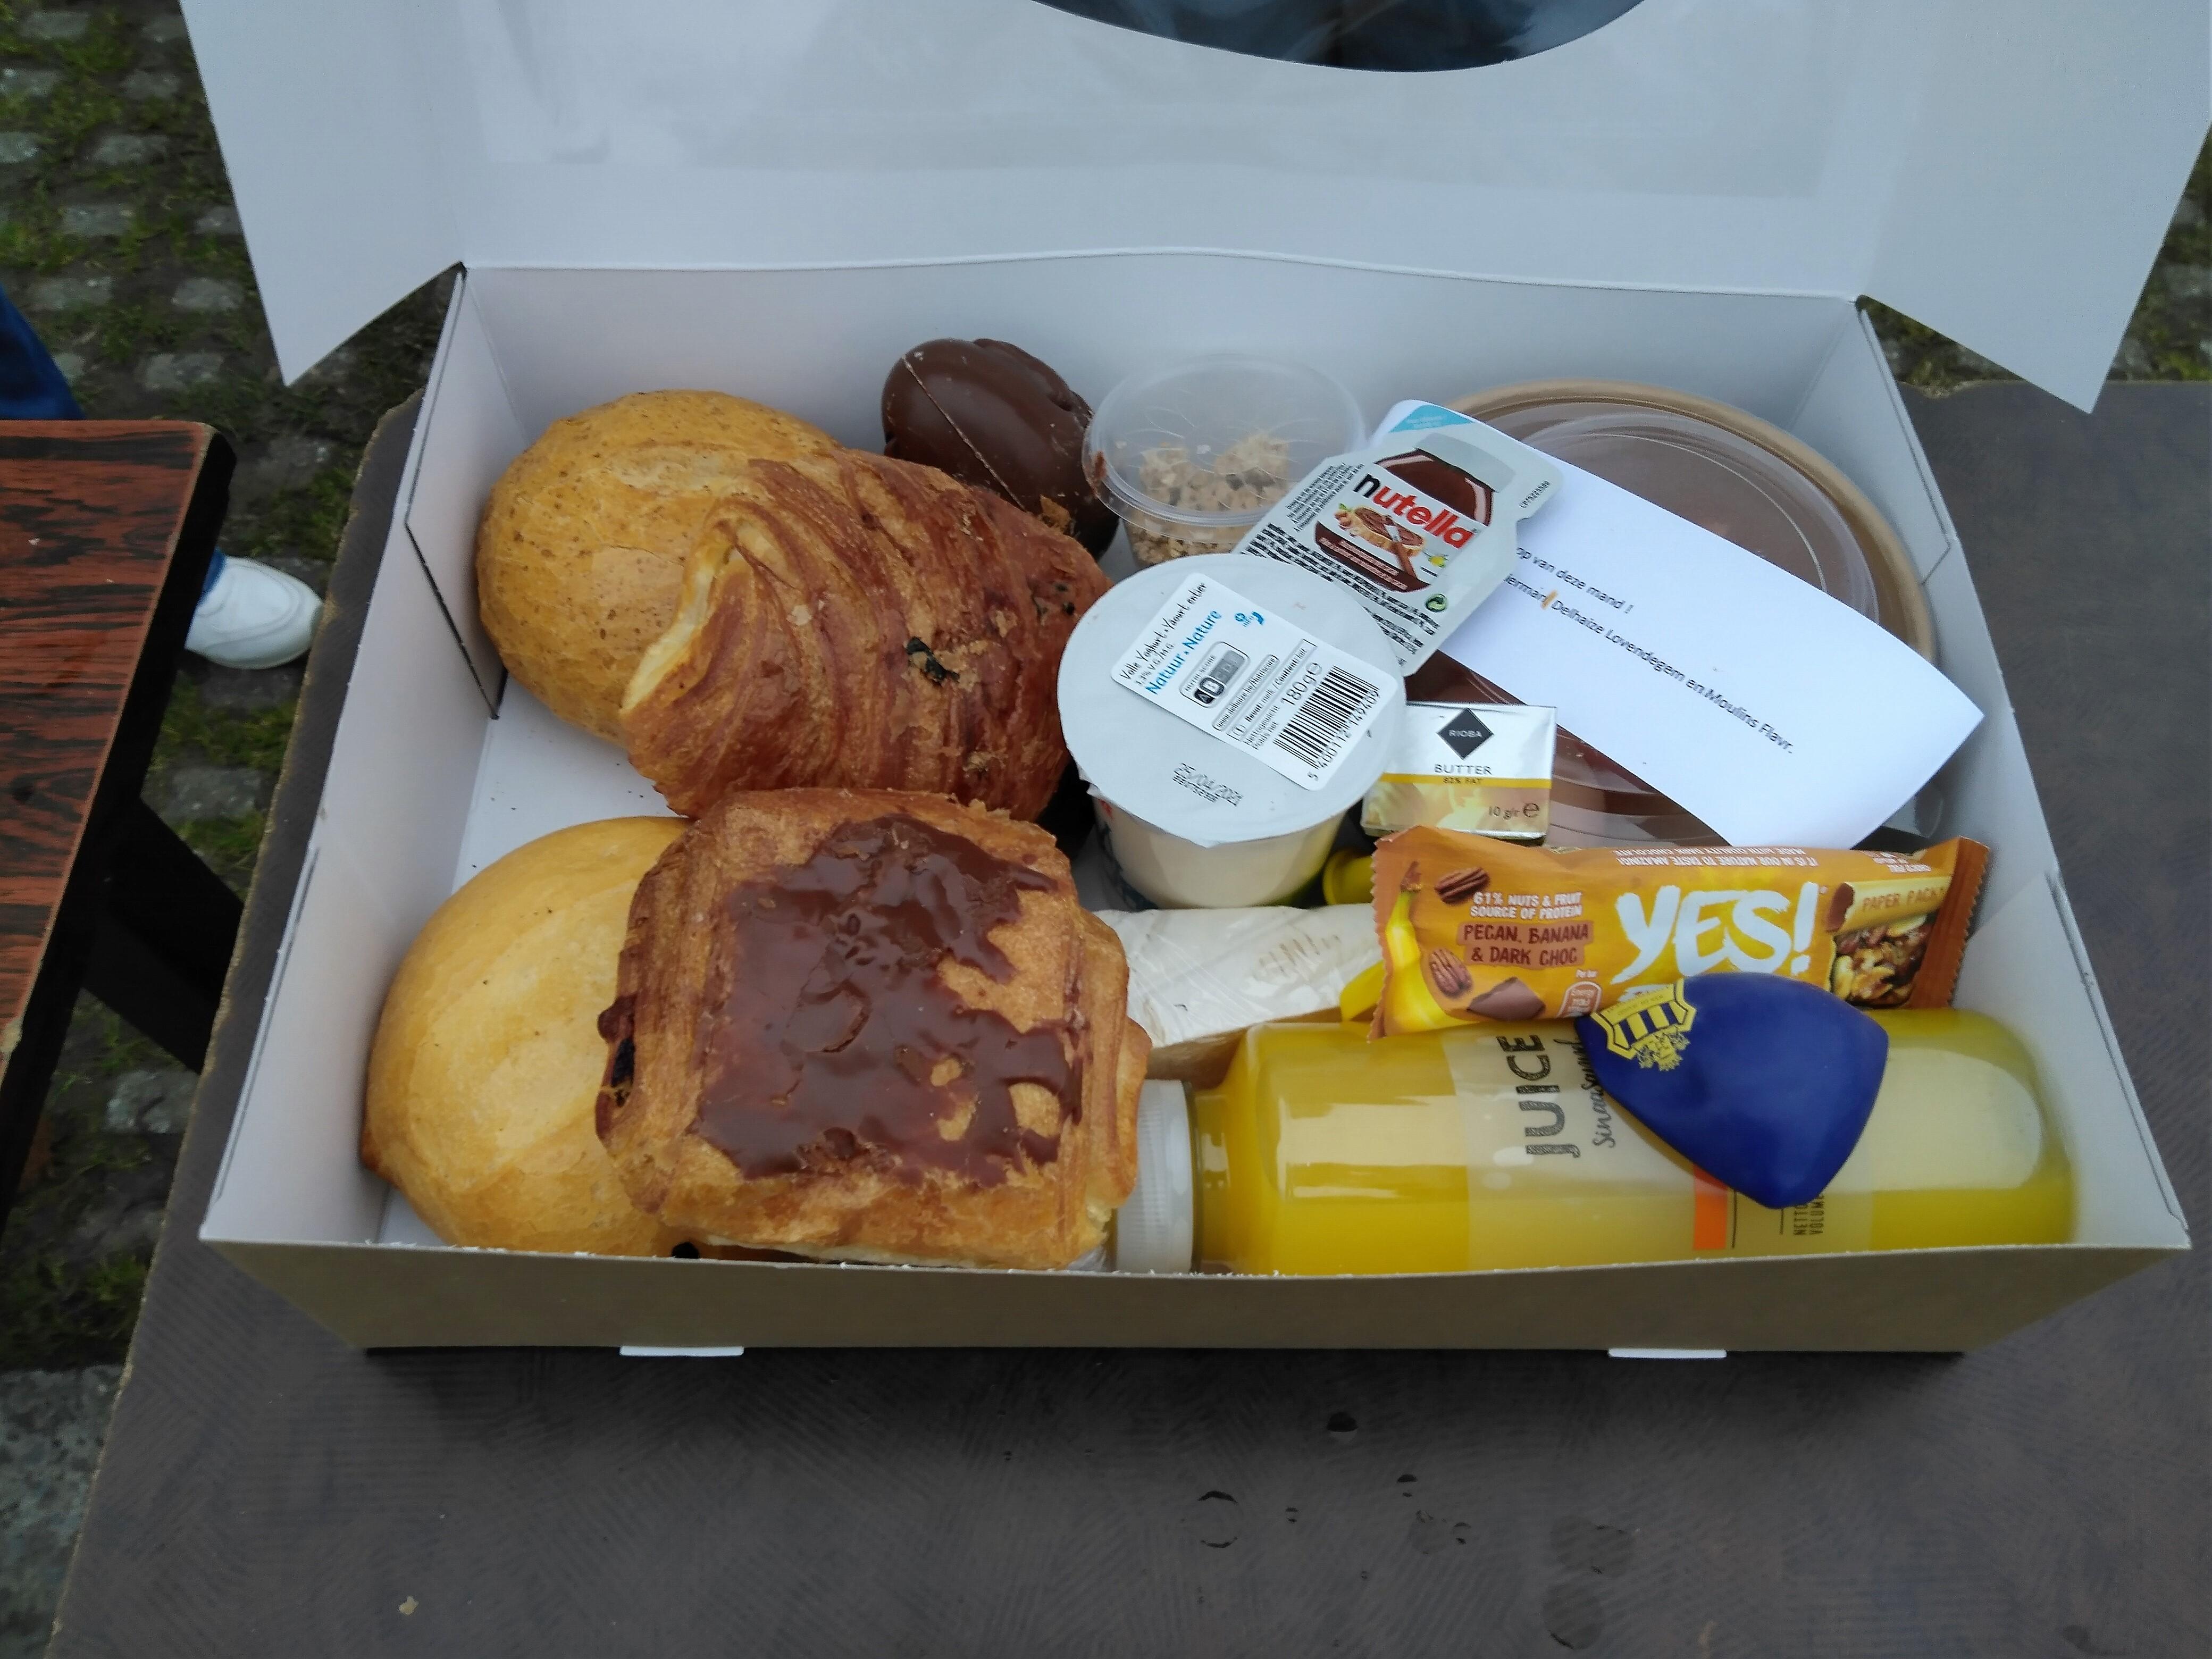 Ontbijt, klaar om naar de bestemmeling te vertrekken